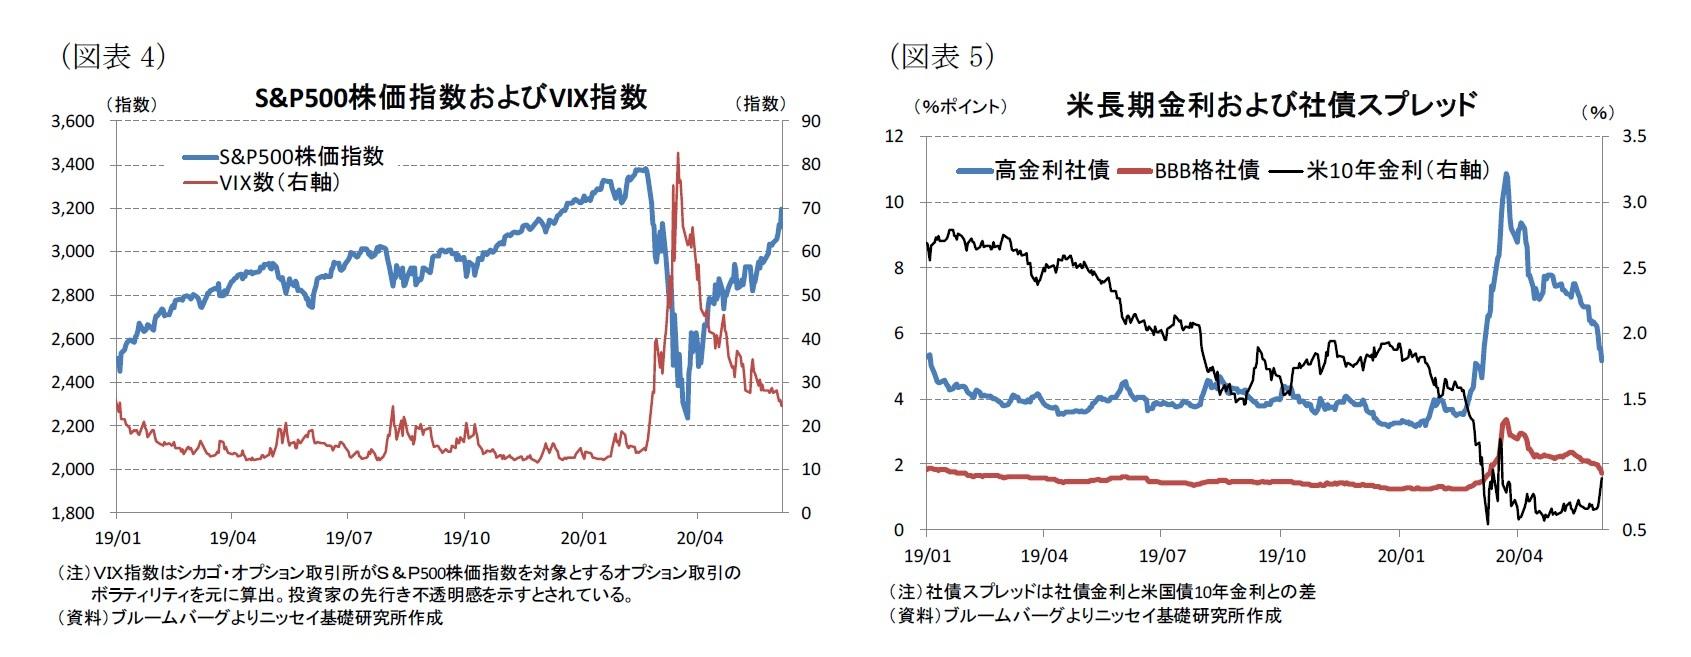 (図表4)S&P500株価指数およびVIX指数/(図表5)米長期金利および社債スプレッド